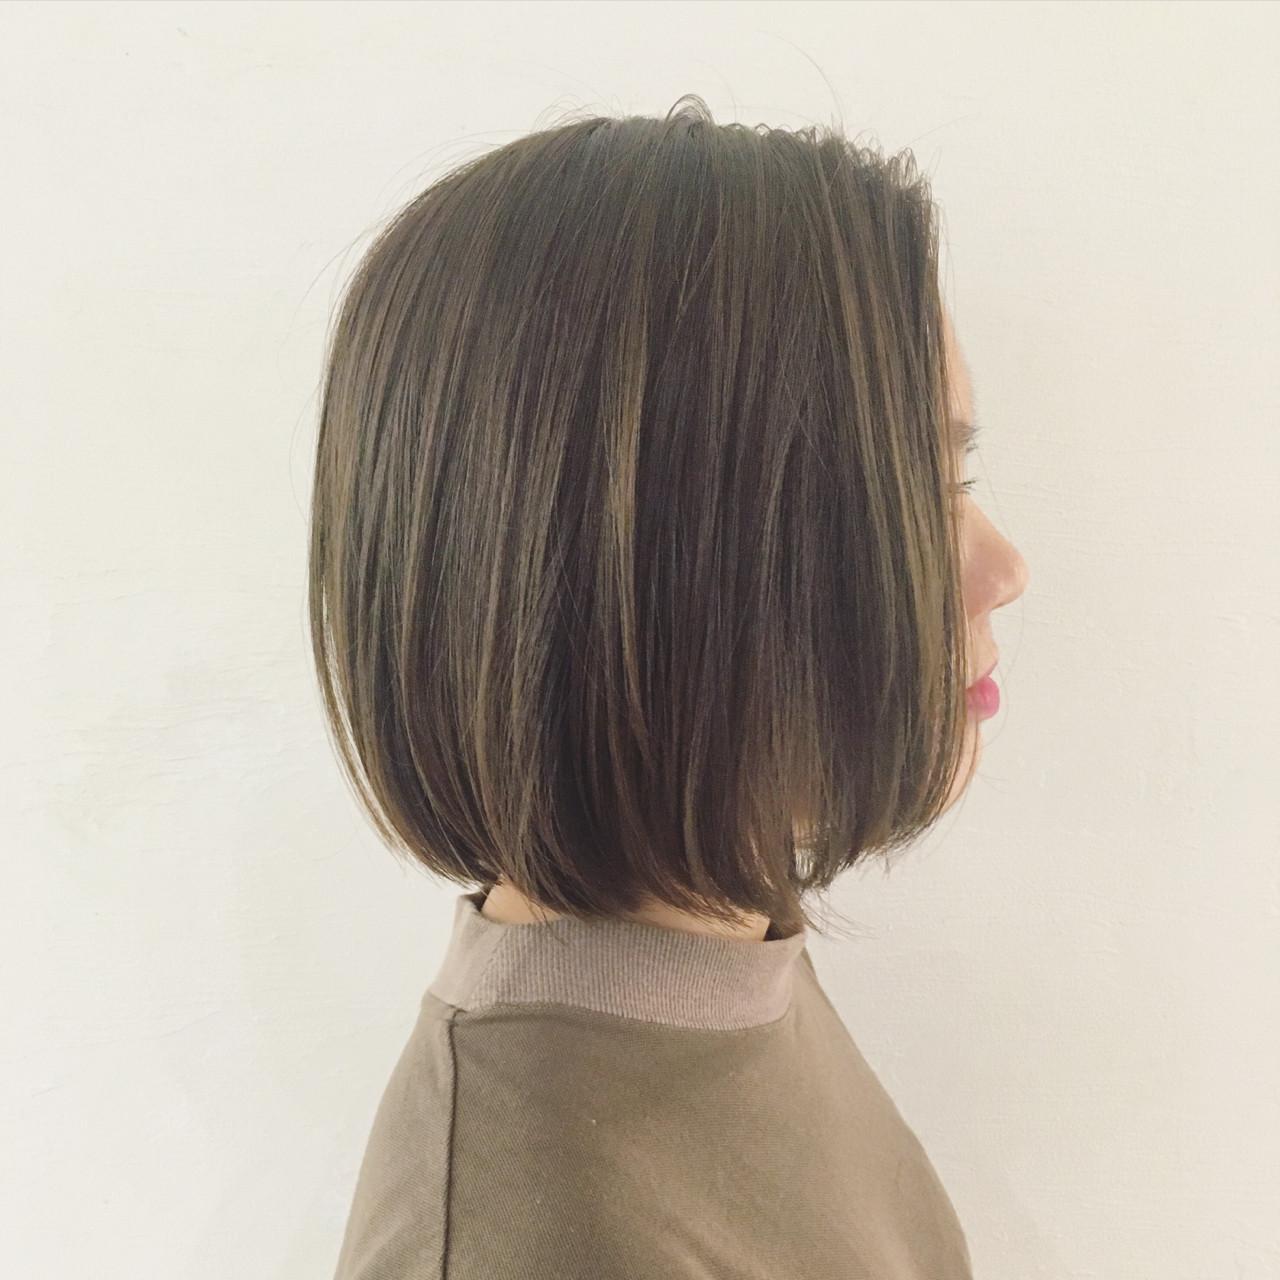 外国人風 透明感 イルミナカラー ブラントカット ヘアスタイルや髪型の写真・画像